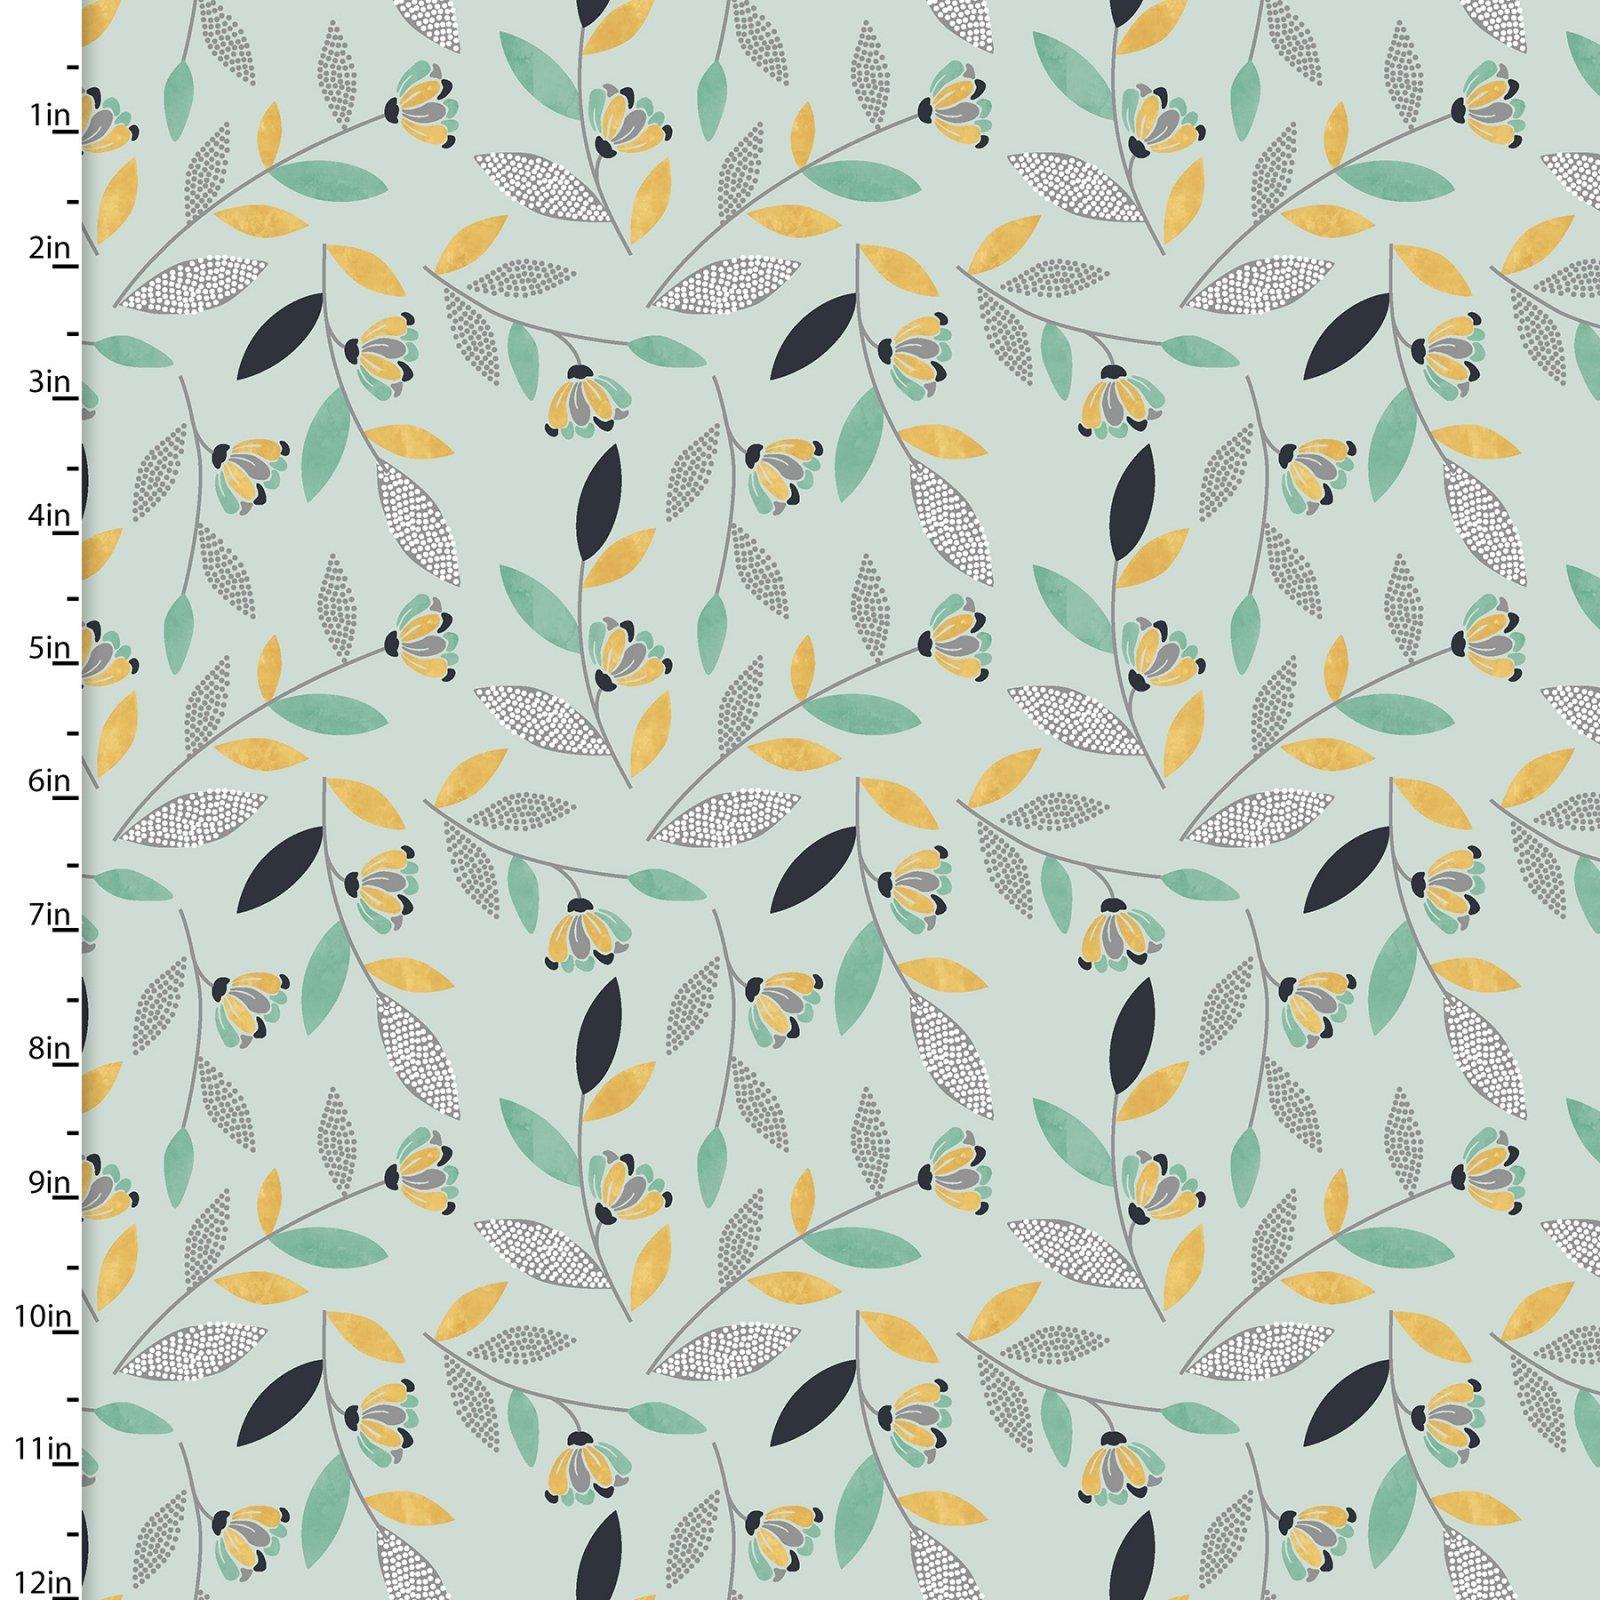 Songbirds - Flower Stems (Light Blue Background)